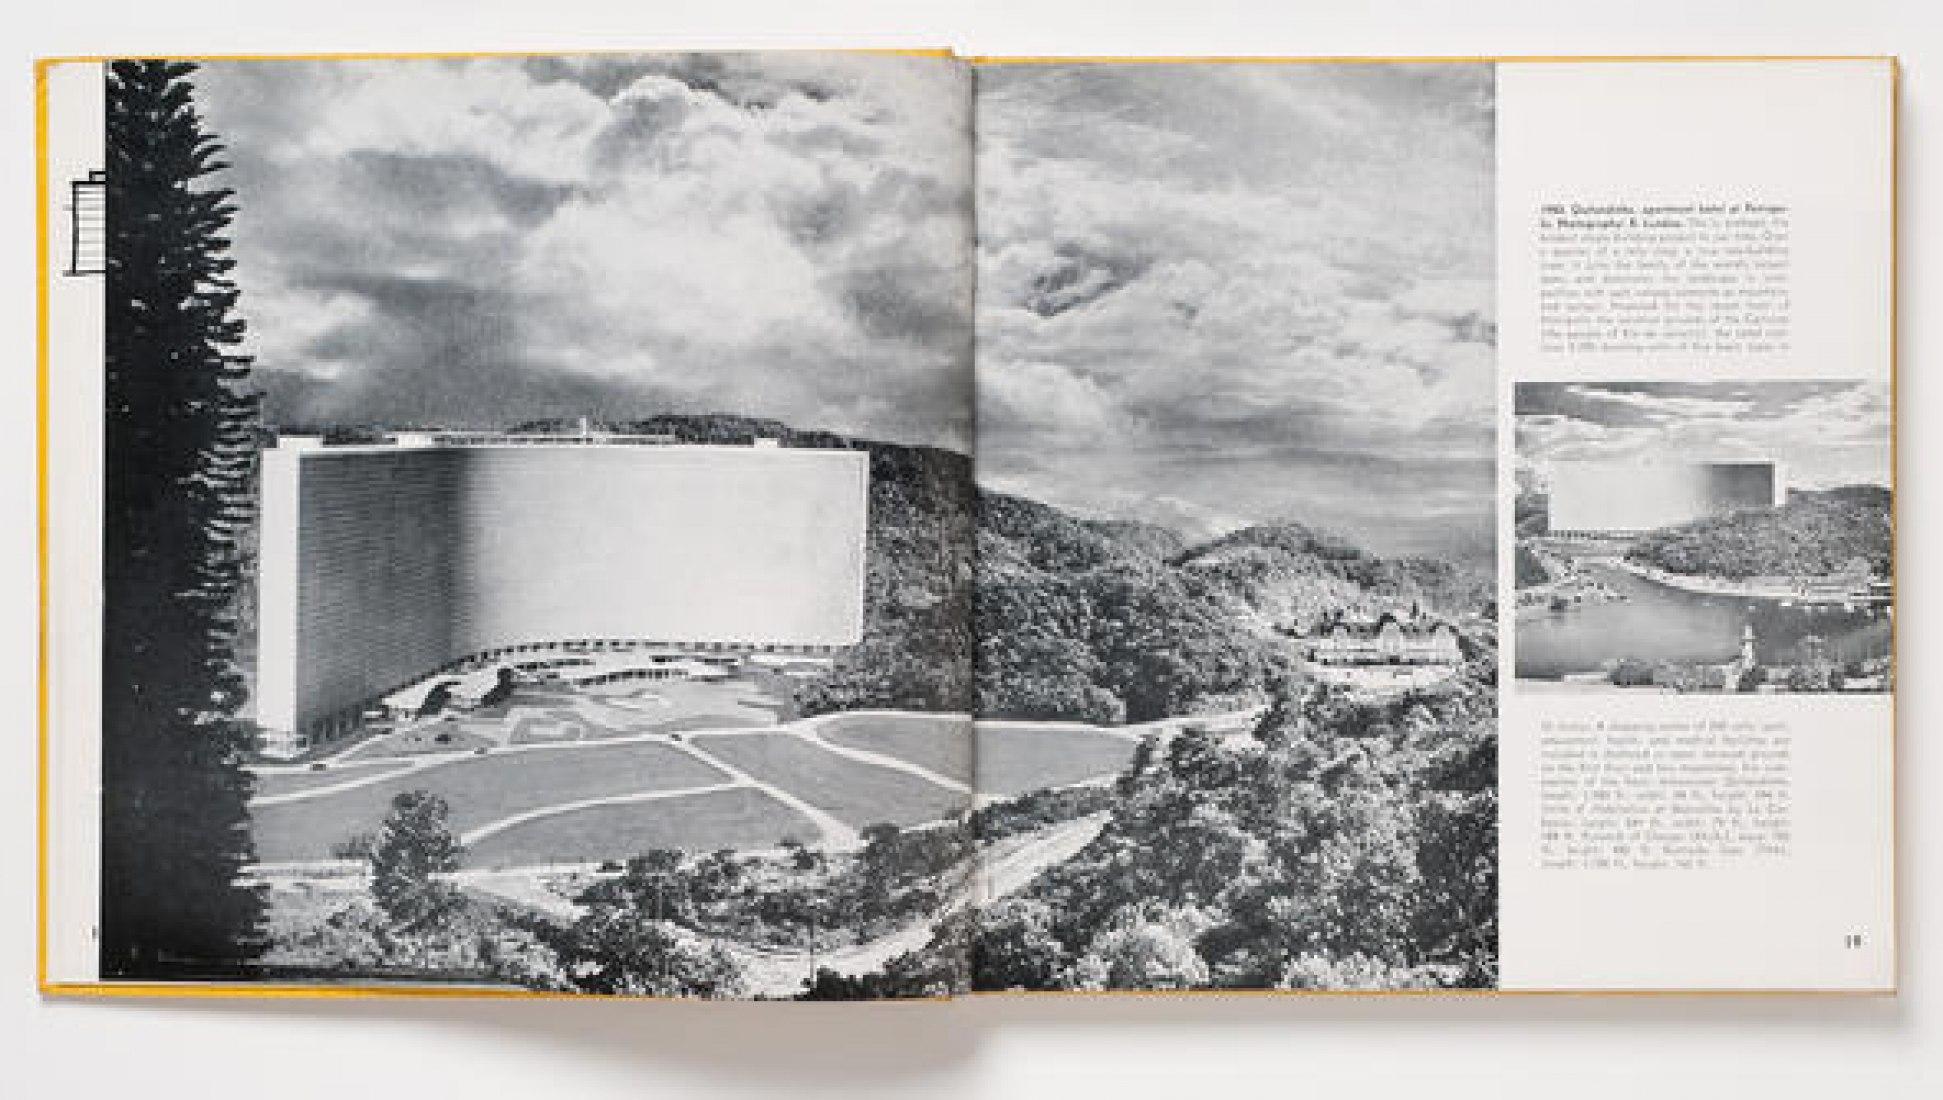 R. Landau, fotógrafo. Vistas de la maqueta para el Hotel Quitandinha y el Bloque de apartamentos en Petrópolis, Rio de Janeiro, Brasil, diseñado por Oscar Niemeyer, fotomontajes. 1950